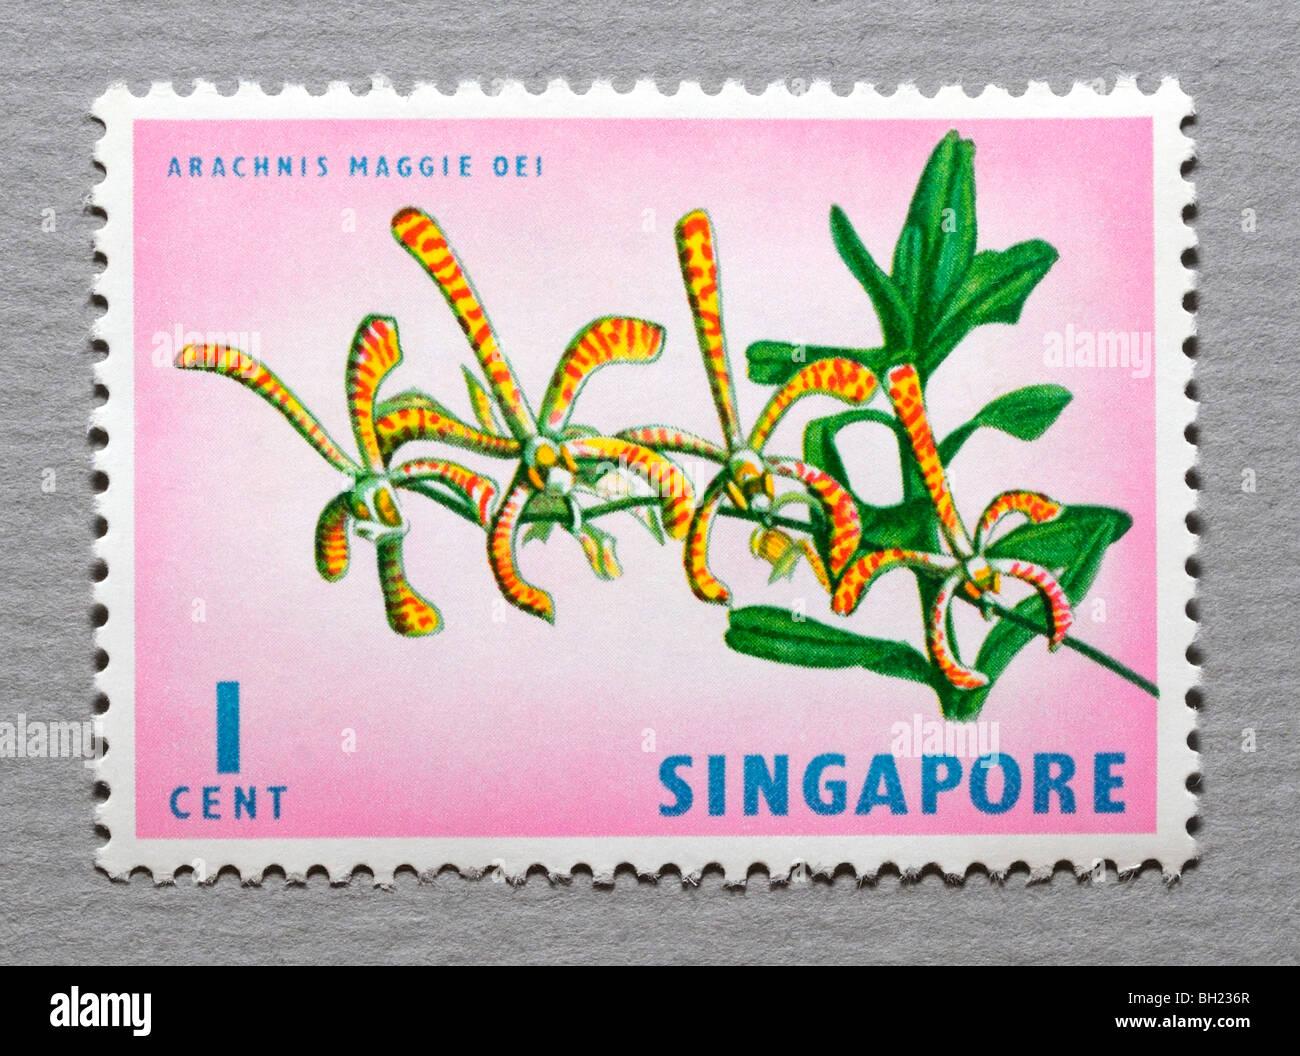 Singapore Postage Stamp. - Stock Image